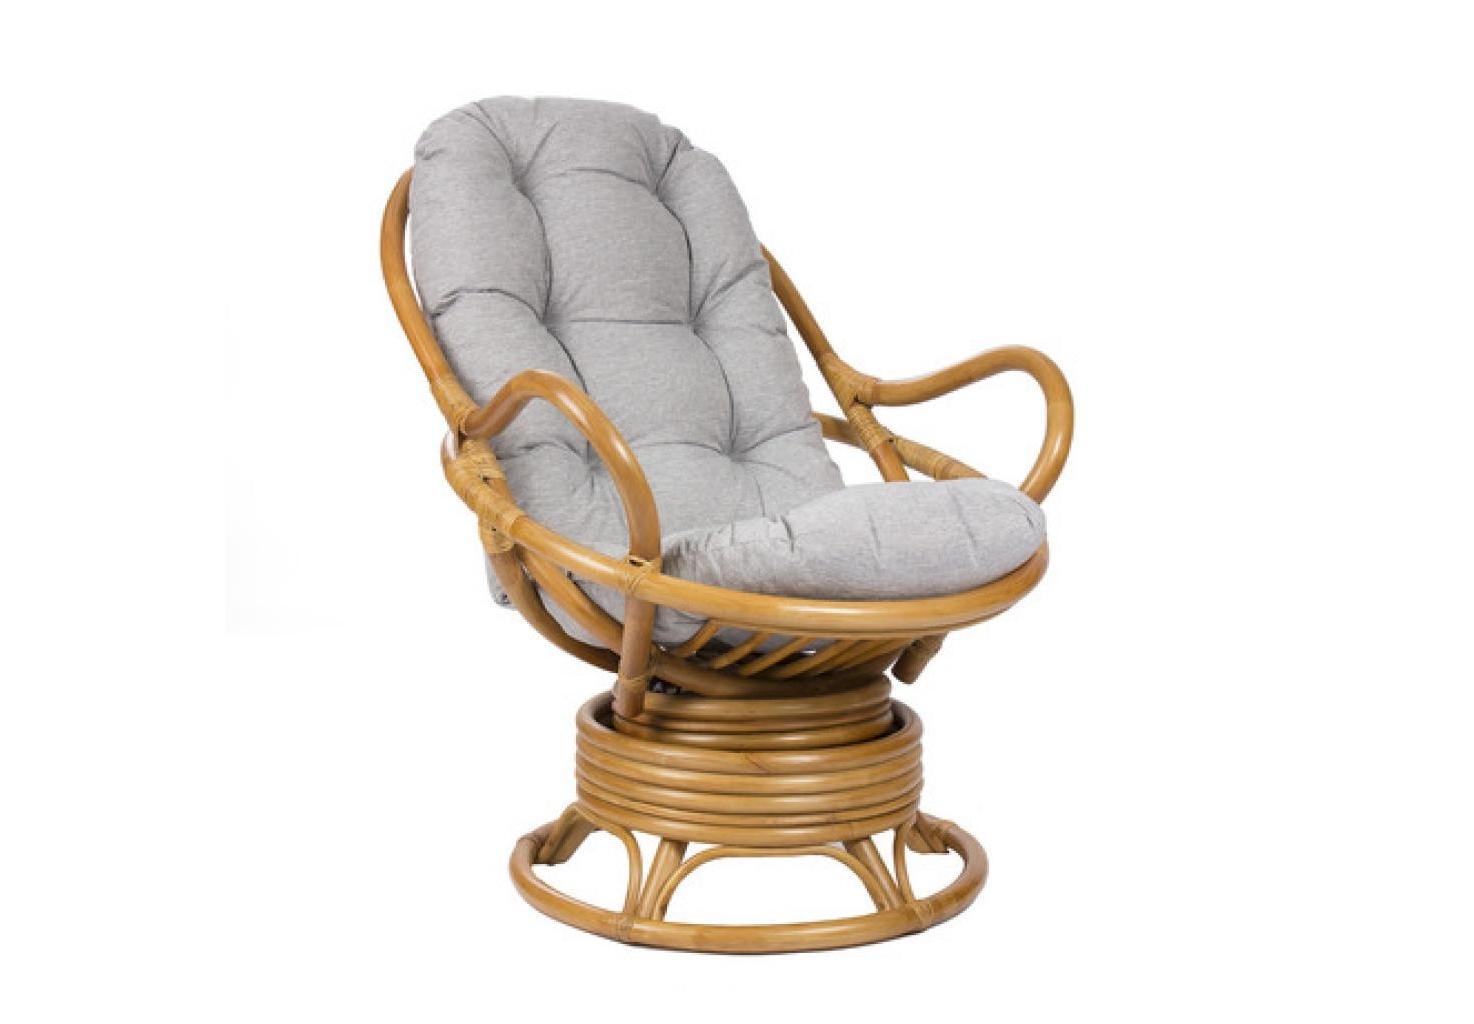 Кресло-качалка Coolline 15433531 от thefurnish